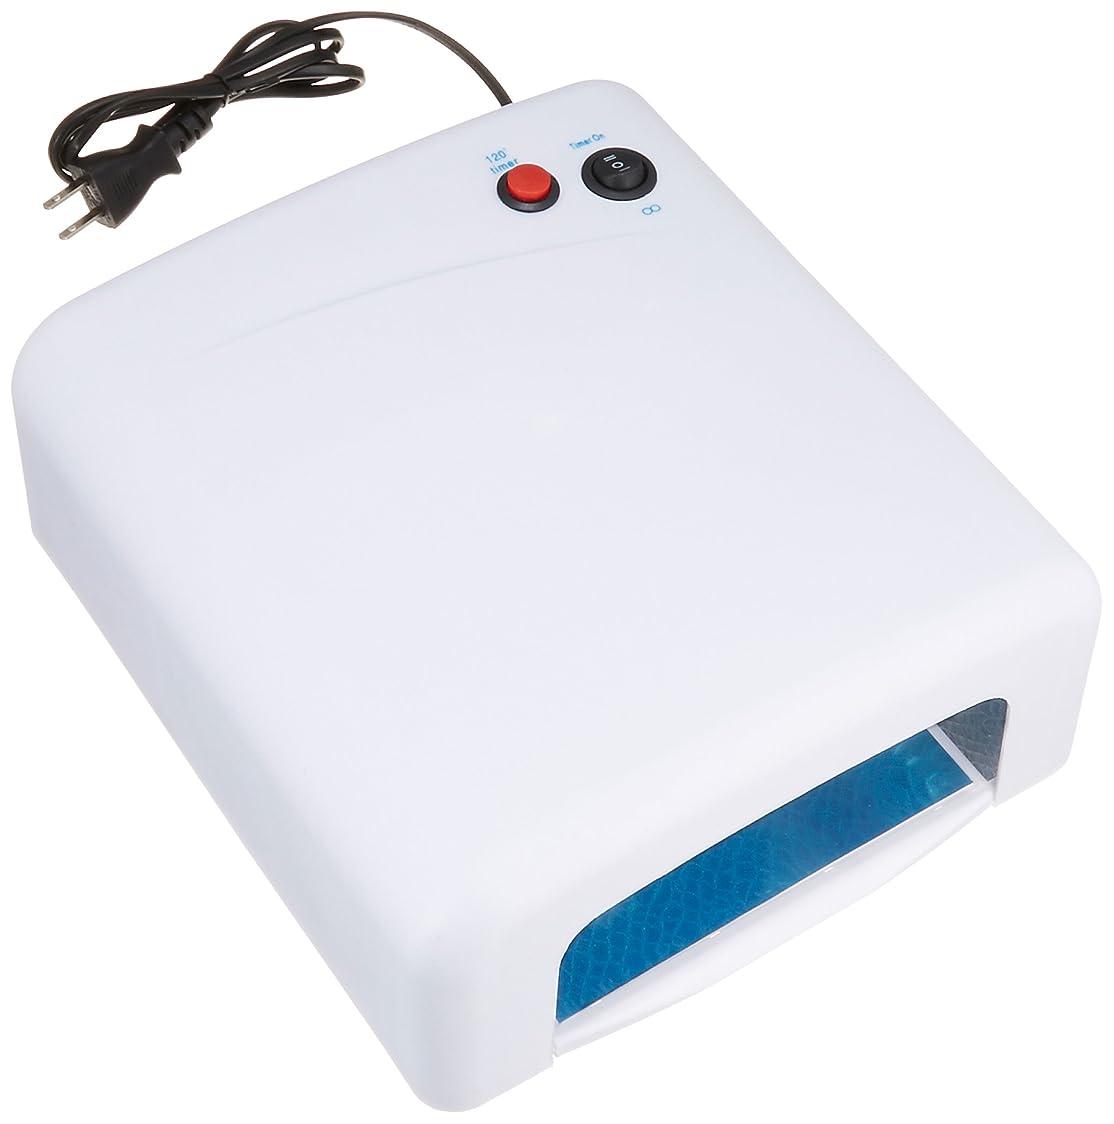 スラッシュ札入れ狭いノーブランド品 UVライト 36W ホワイト 取扱説明書付き